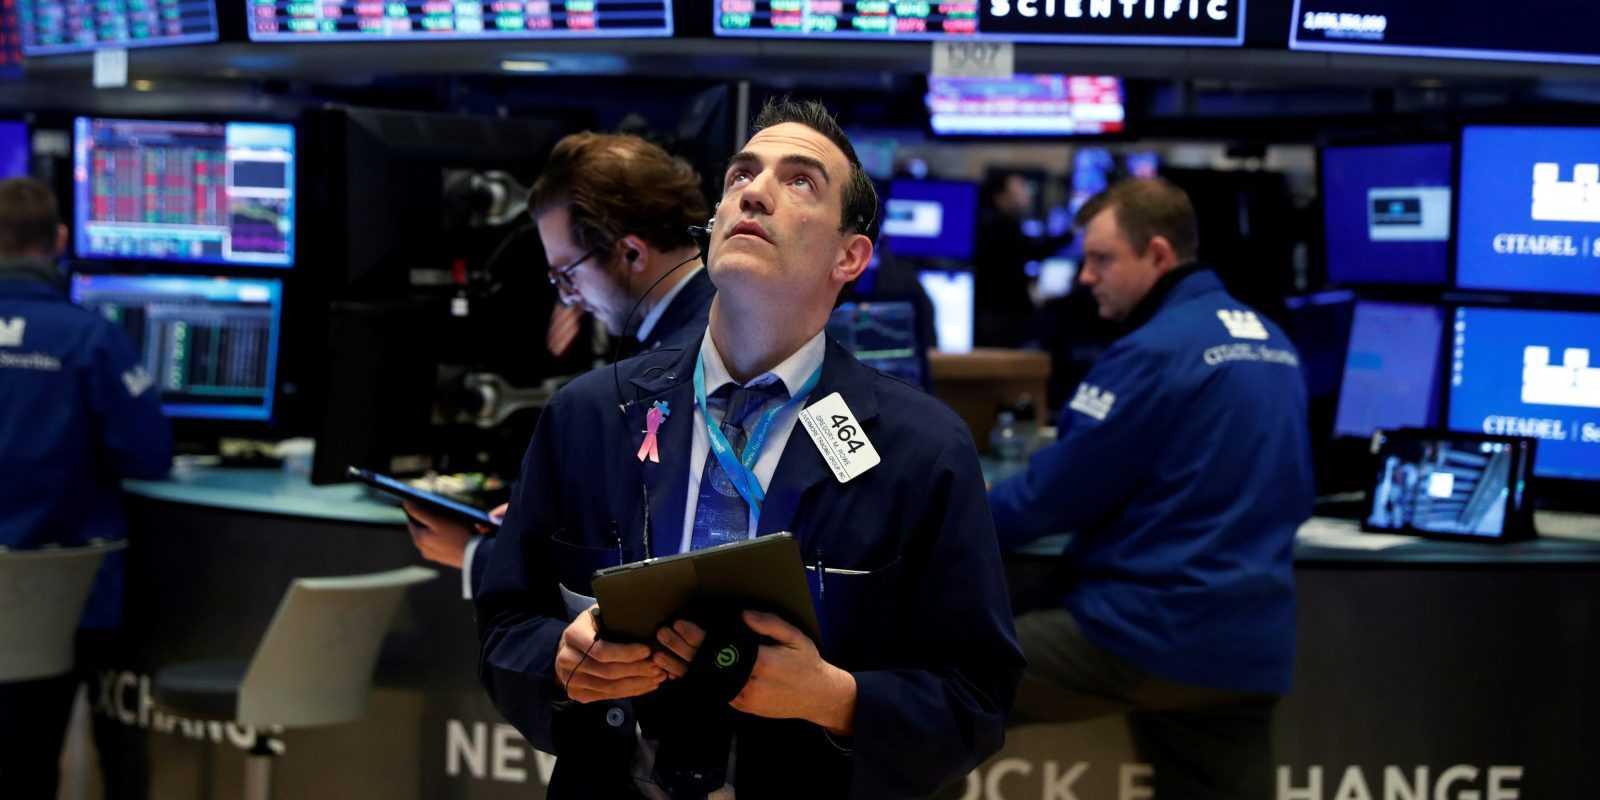 26 Mart Yatırım Finansman hisse önerileri